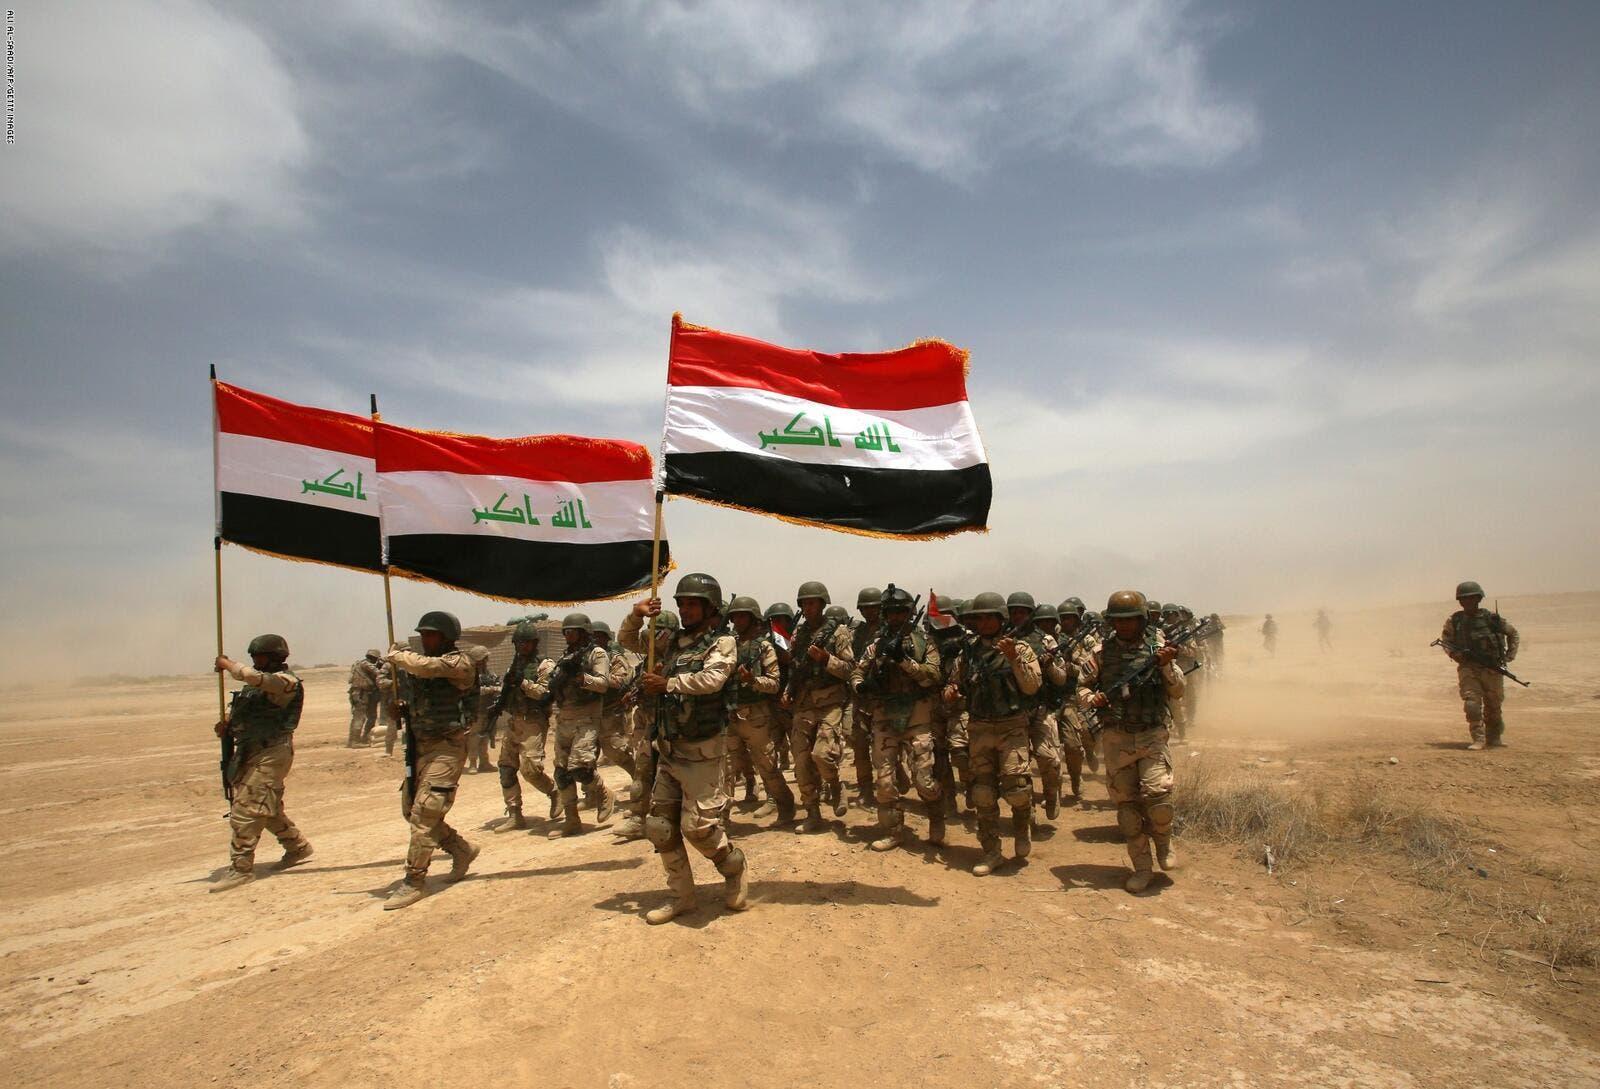 لا خسائر بشرية في القصف على قاعدة عين الاسد في العراق